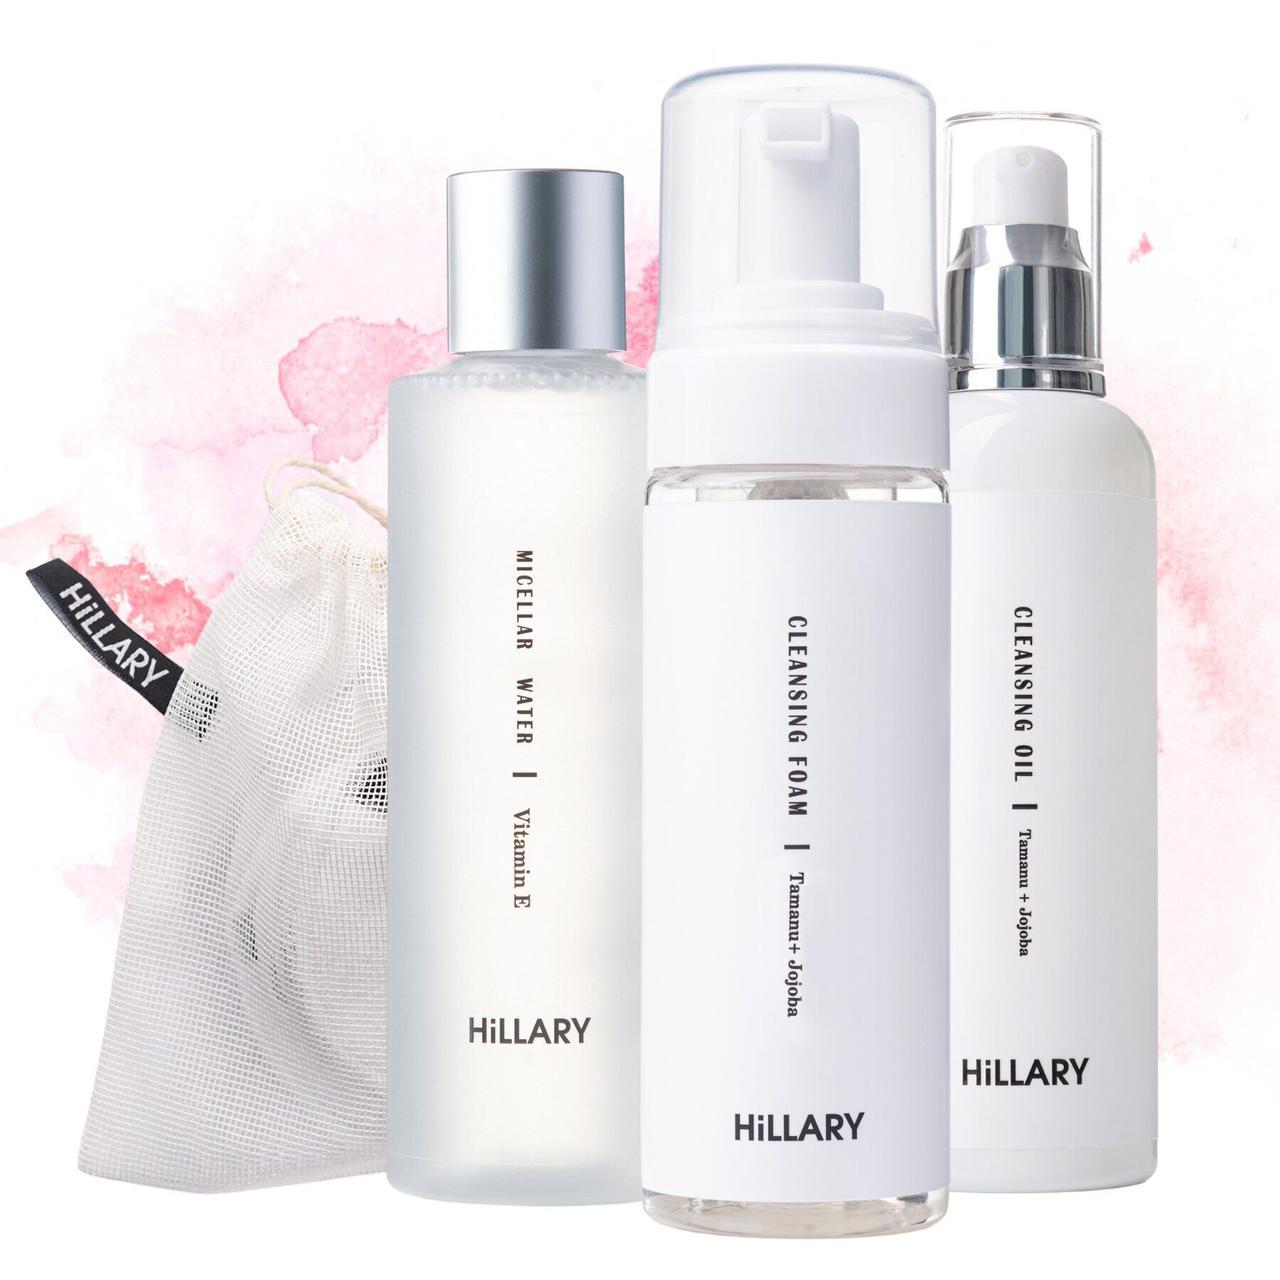 Комплекс для жирной и комбинированной кожи+ПОДАРОК Многоразовые ЭКО диски для снятия макияжа Hillary